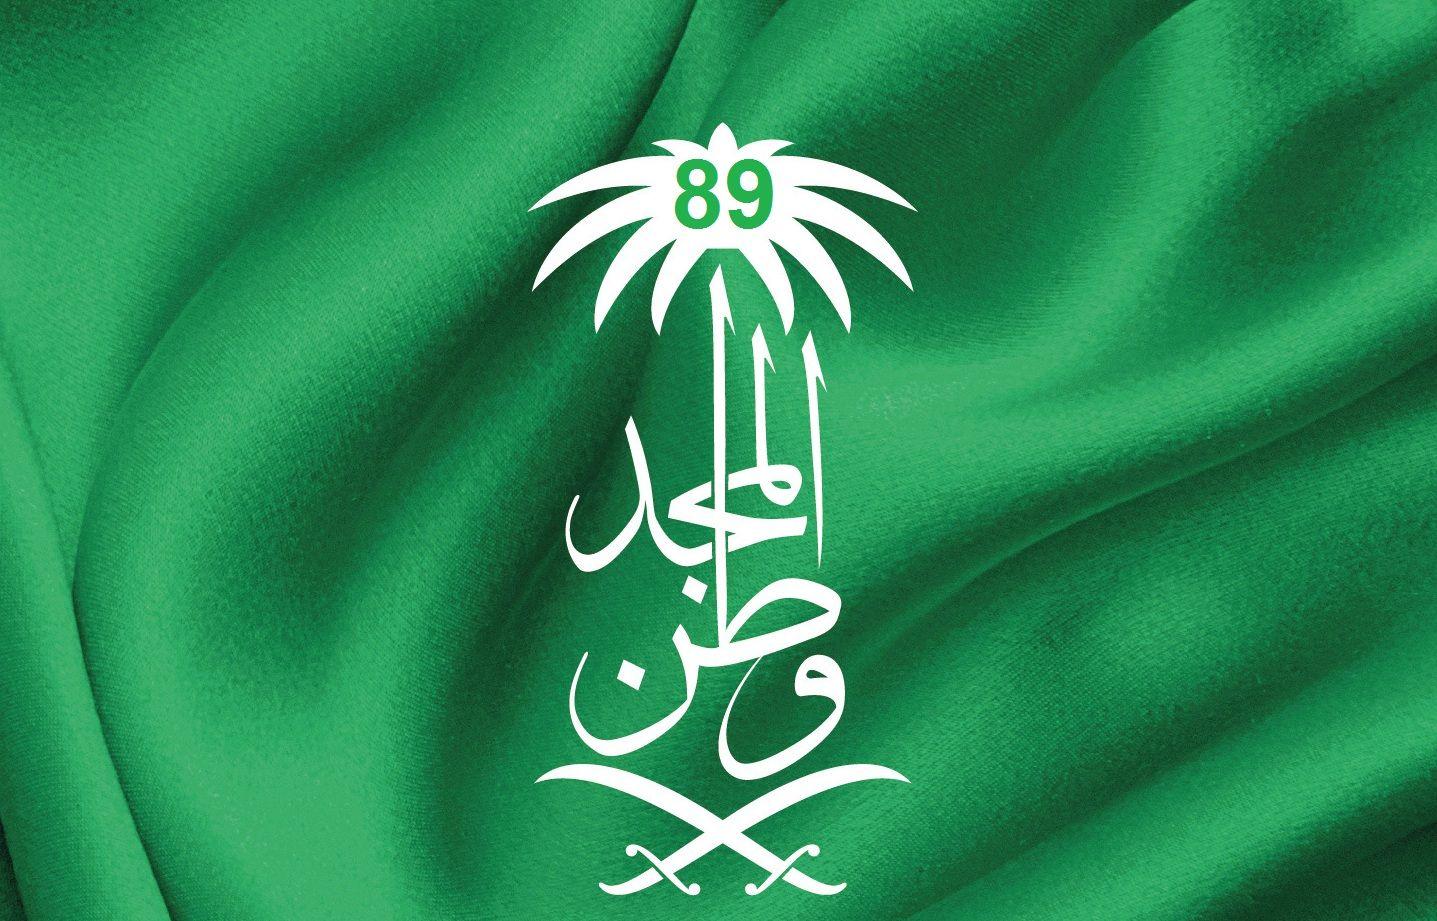 صور اليوم الوطني 89 صور شعار اليوم الوطني 1441 رمزيا اليوم الوطني مجلة رجيم Neon Signs National Day Saudi Art